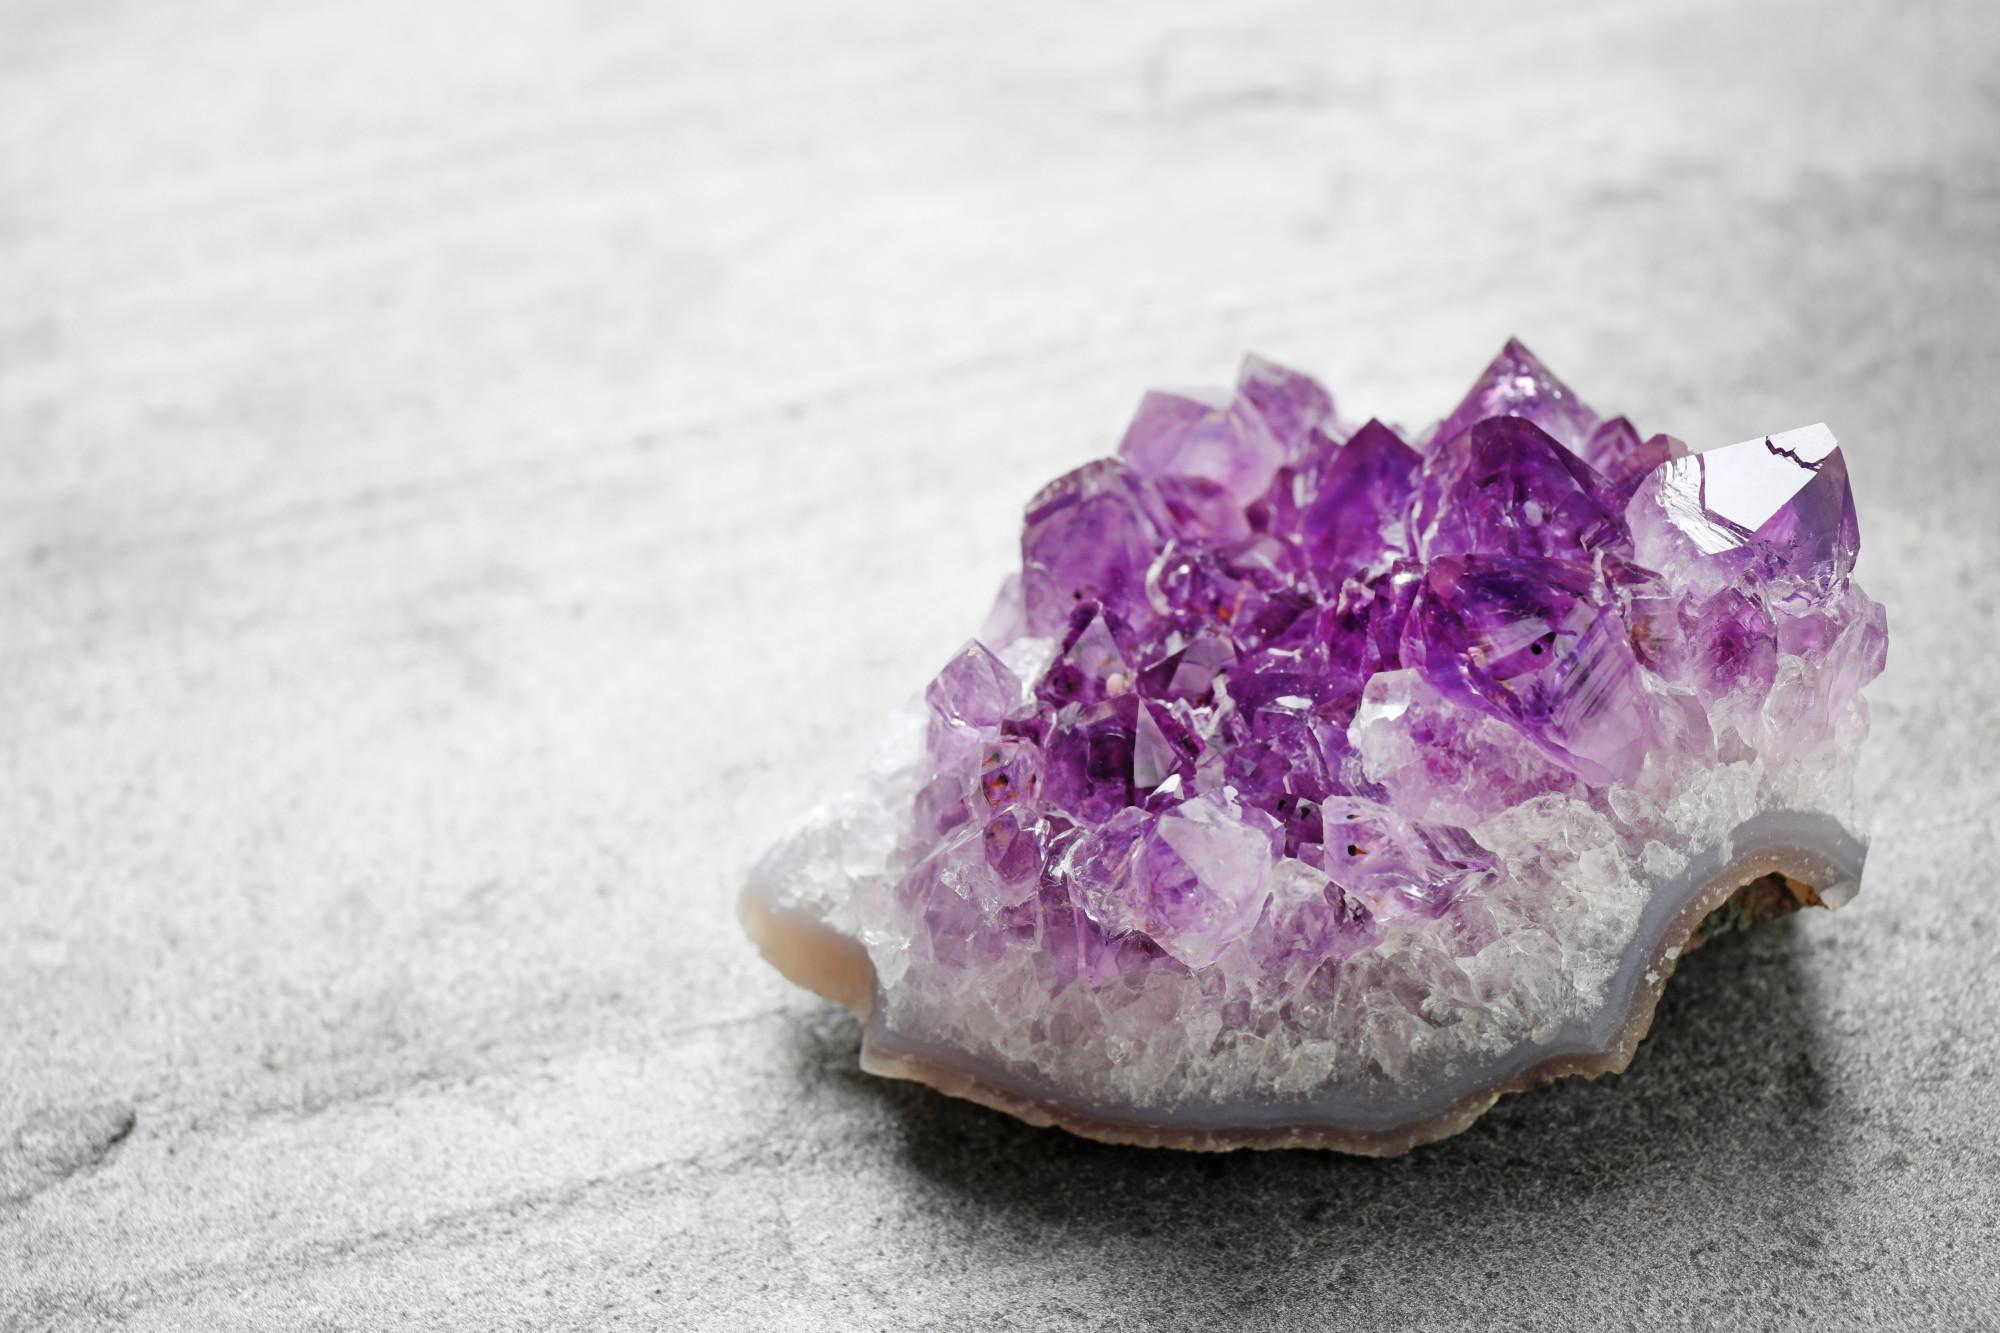 vraies pierres